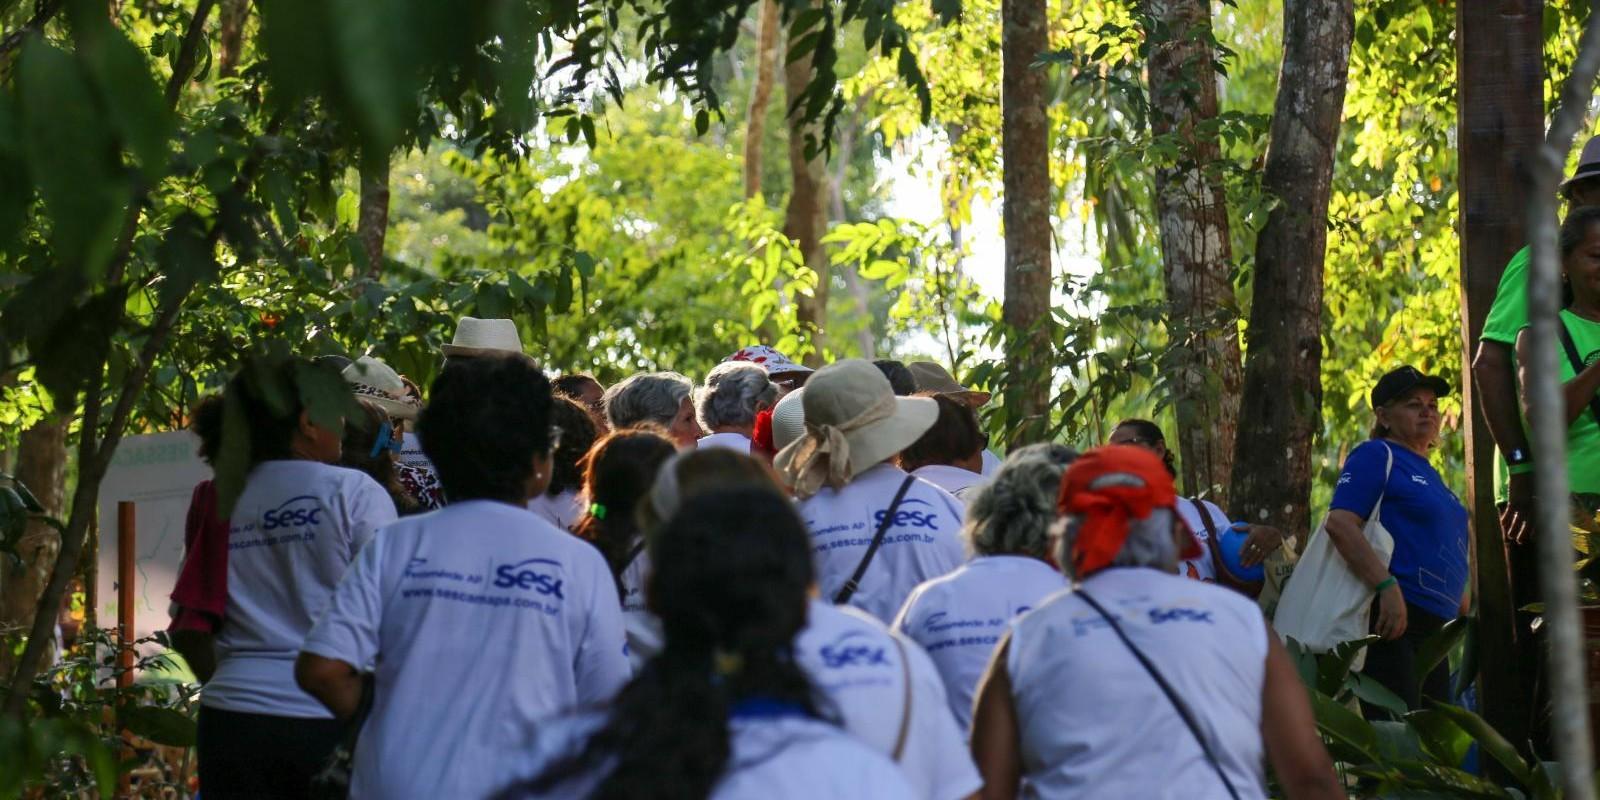 Grupo Alegria de Viver - Visita ao Bioparque da Amazônia